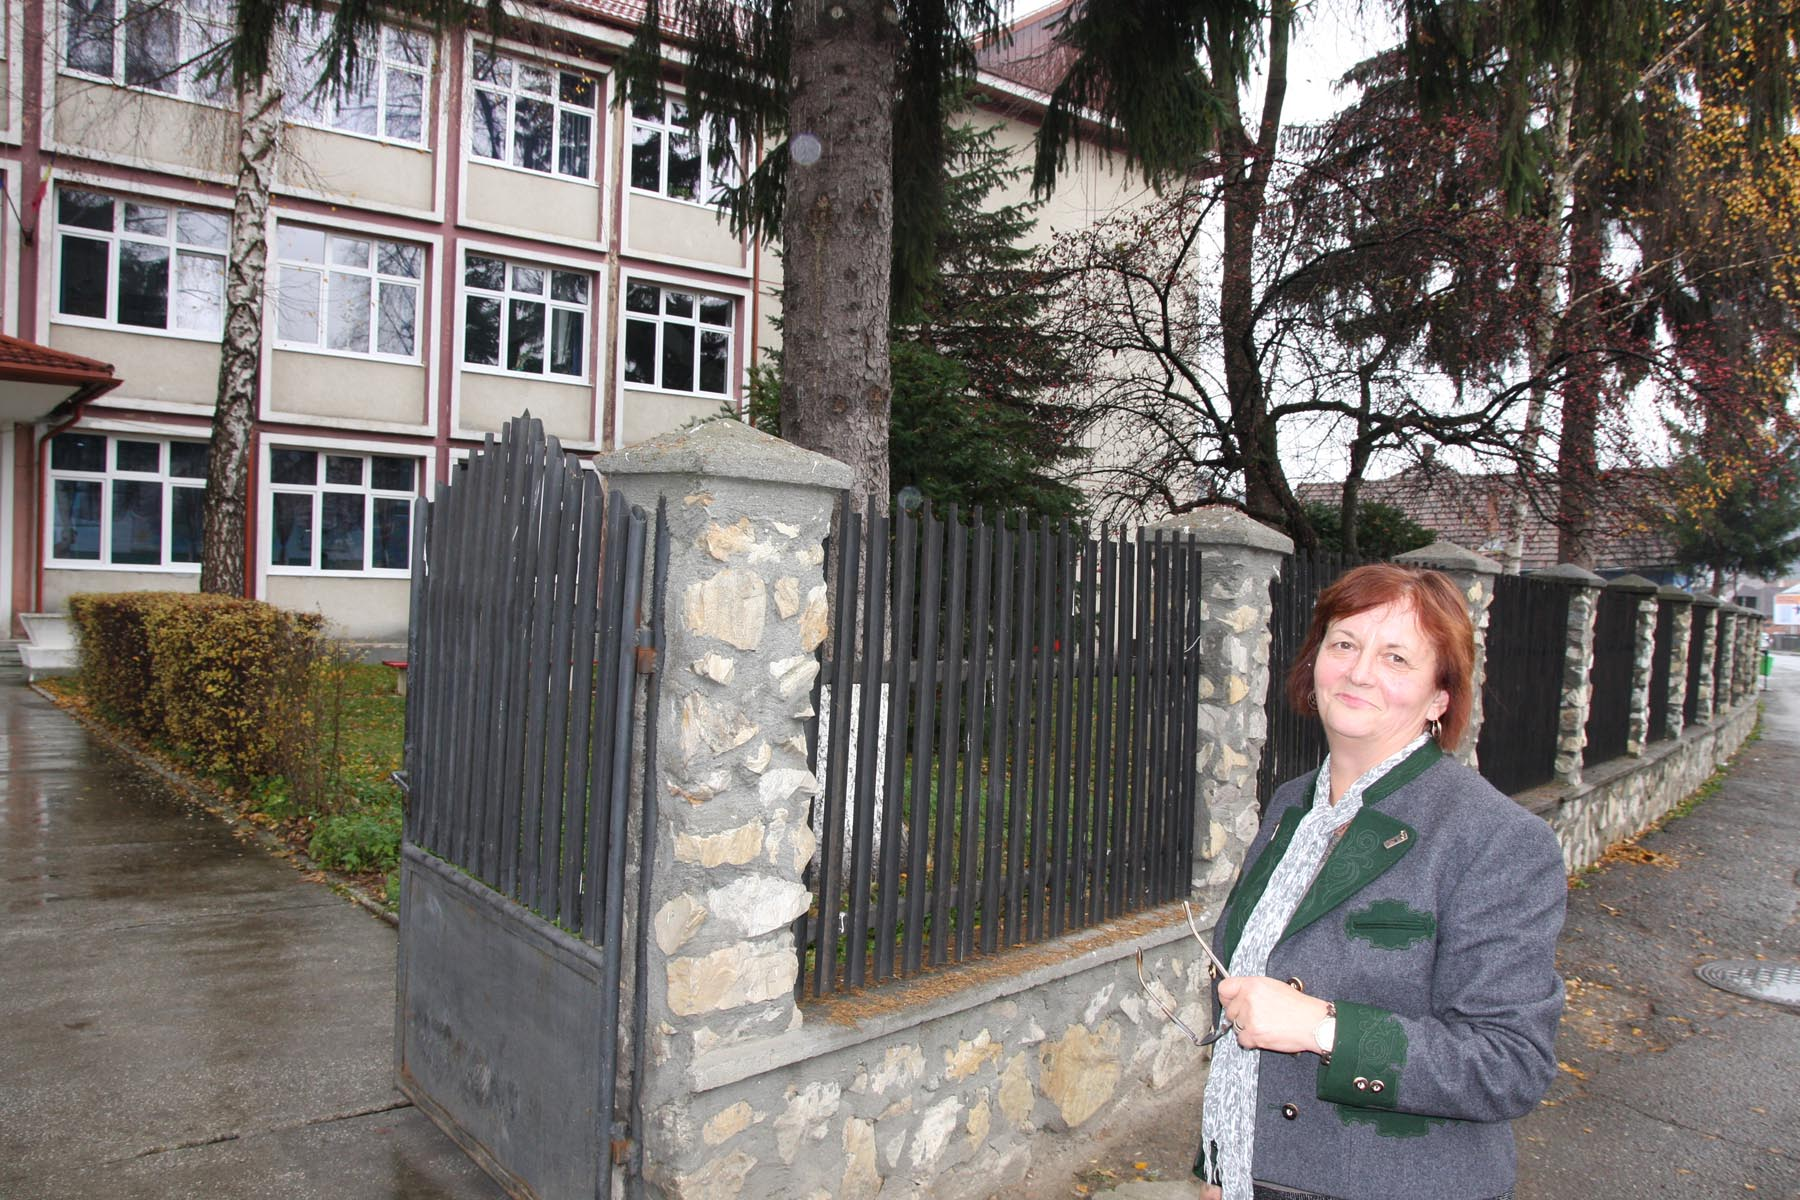 Directorul adjunct Raveca Gaveniuc, în fața școlii generale Artemiu Publiu Alexi din Sângeorz-Băi